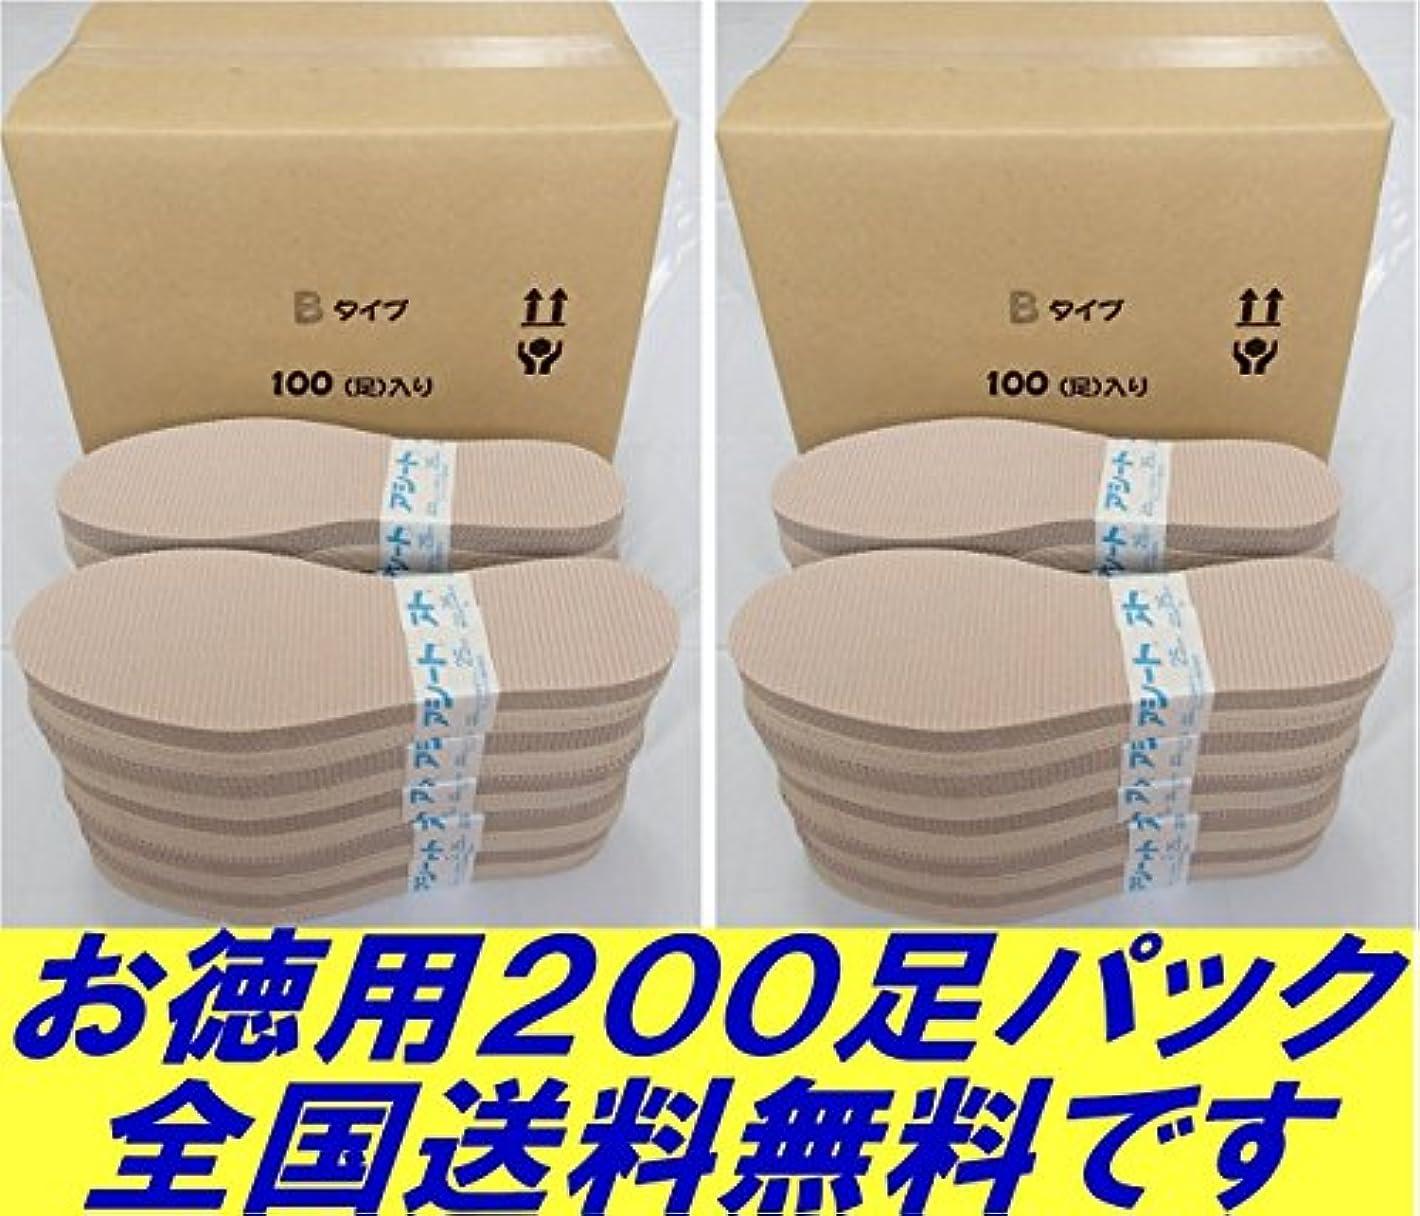 極貧憂鬱立方体アシートBタイプお徳用パック200足入り (26.5~27.0cm)